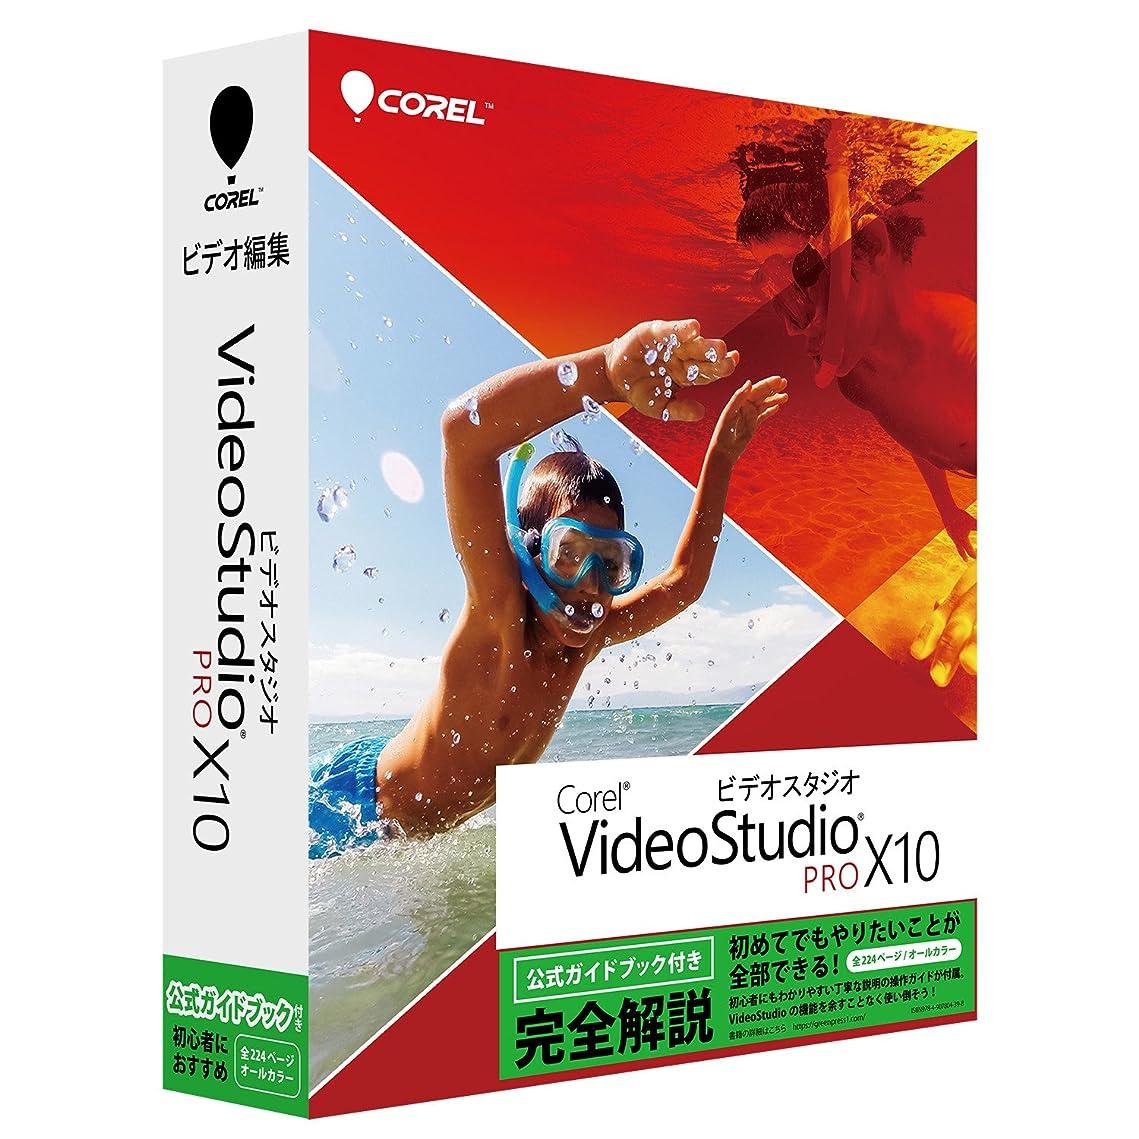 劇的溶接絶滅Corel VideoStudio Pro X10 通常版 【ガイドブック付】